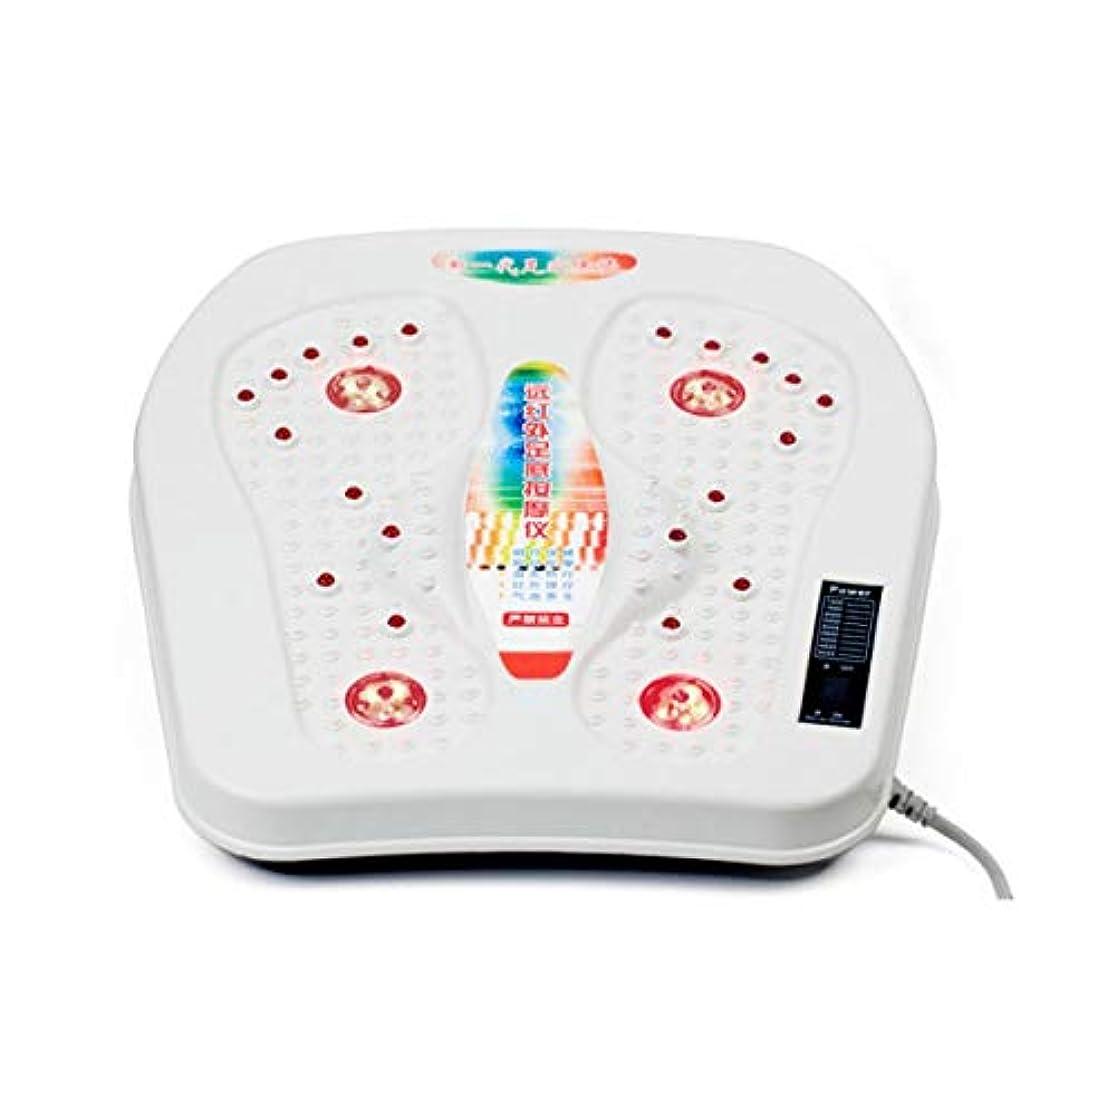 克服する一ヶ月目Ququack 遠赤外線足マッサージ機振動電磁波加熱療法足ペディキュア器具マッサージ器健康マシン白